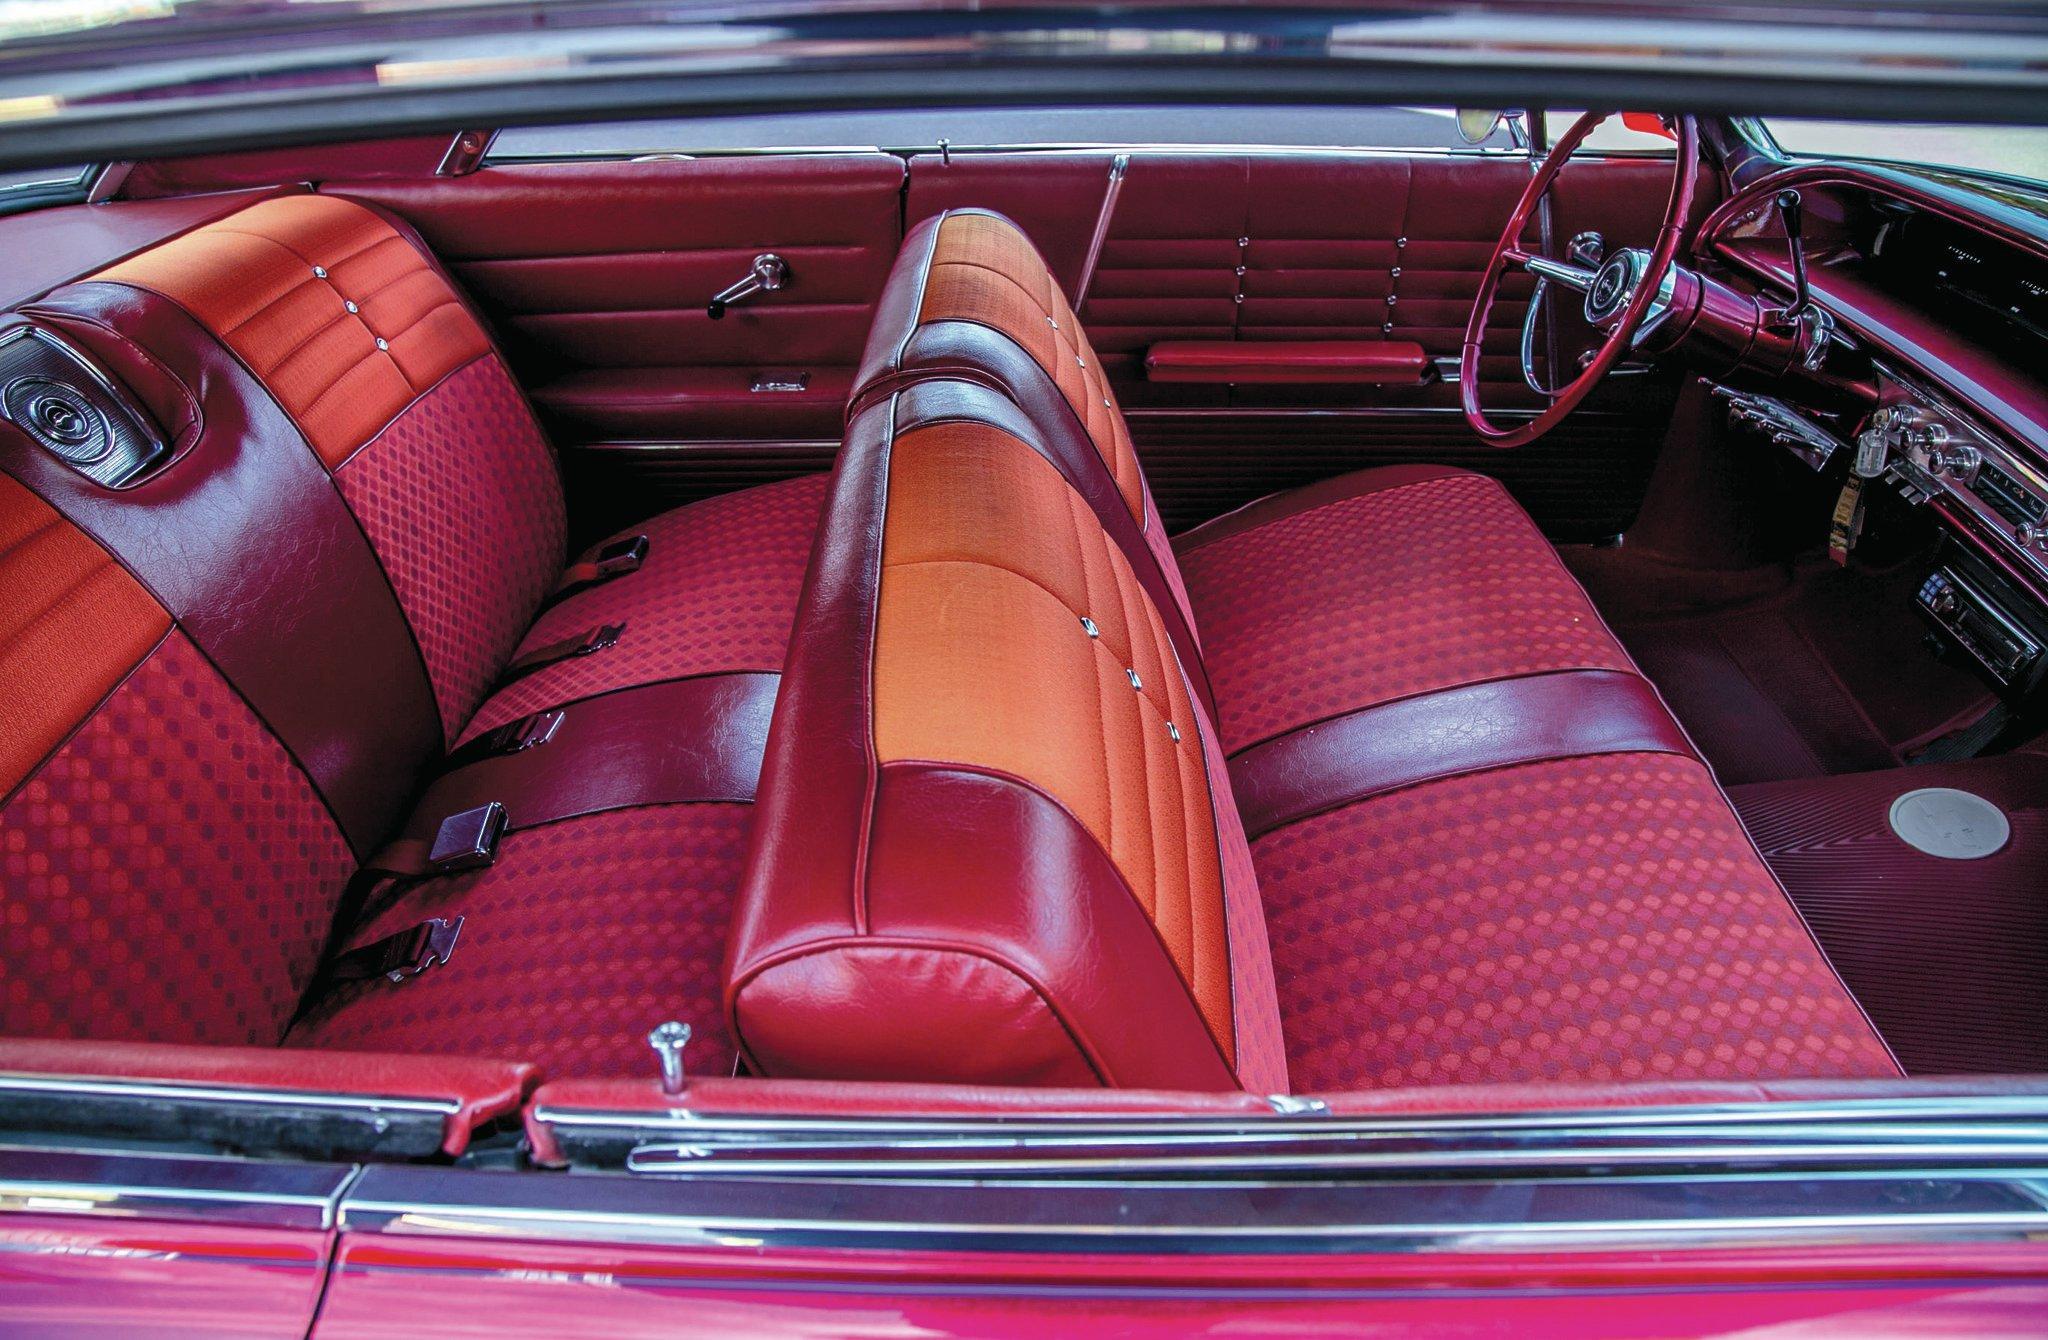 1964 chevrolet impala happy homecoming for Chevrolet impala 2015 interior